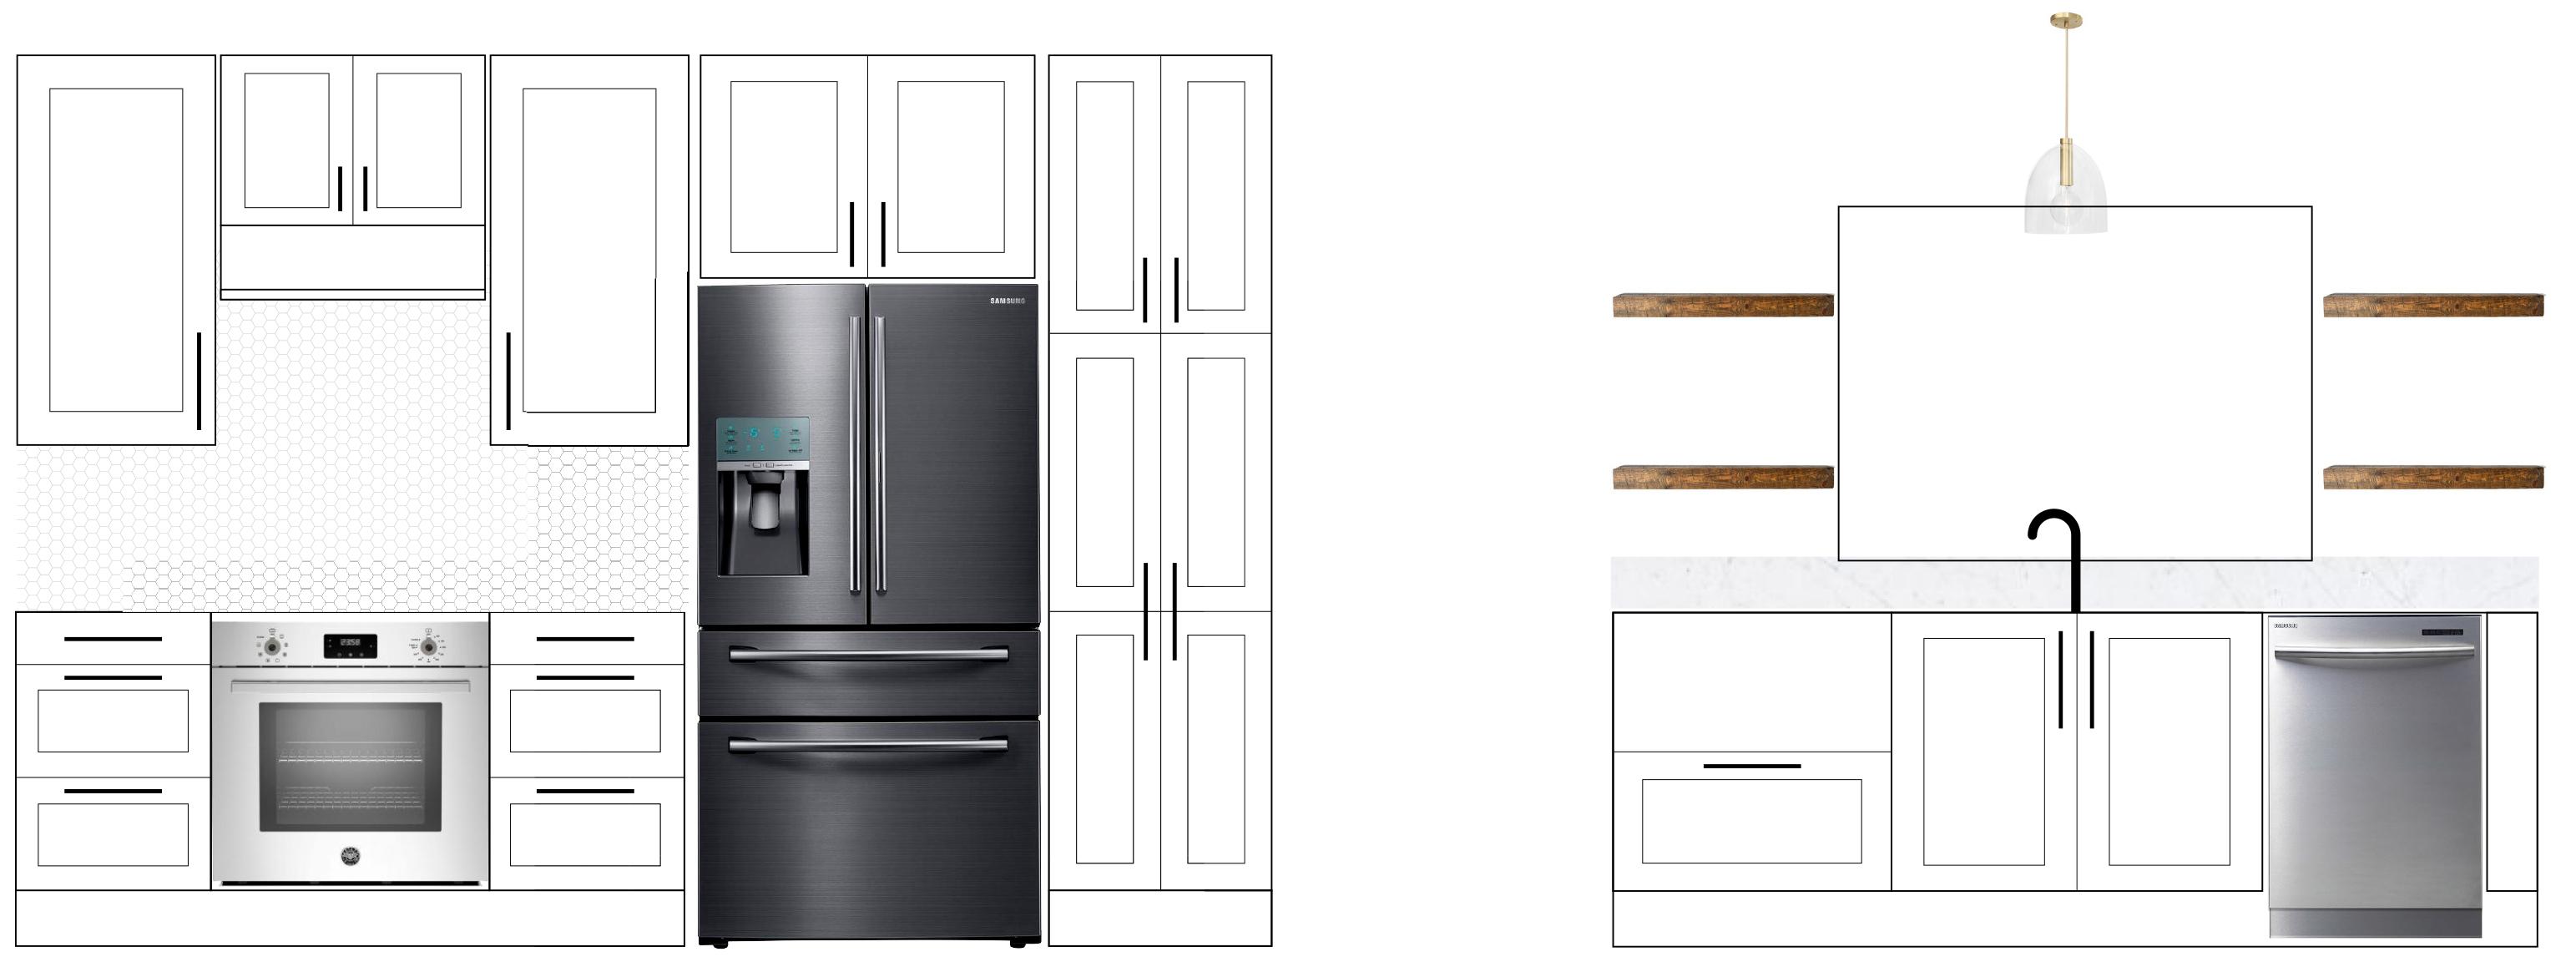 JChong Kitchen Elevation /